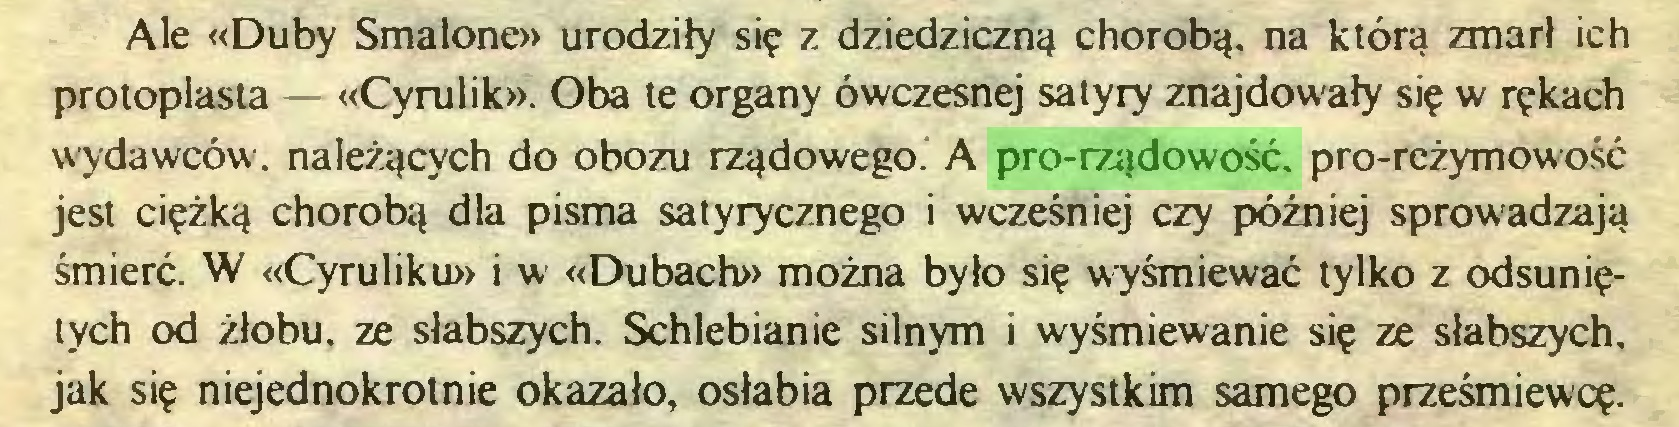 (...) Ale «Duby Smalone» urodziły się z dziedziczną chorobą, na która zmarł ich protoplasta «Cyrulik». Oba te organy ówczesnej satyry znajdowały się w rękach wydawców, należących do obozu rządowego. A pro-rządowość, pro-reżymowość jest ciężką chorobą dla pisma satyrycznego i wcześniej czy później sprowadzają śmierć. W «Cyruliku» i w «Dubach» można było się wyśmiewać tylko z odsuniętych od żłobu, ze słabszych. Schlebianie silnym i wyśmiewanie się ze słabszych, jak się niejednokrotnie okazało, osłabia przede wszystkim samego prześmiewcę...